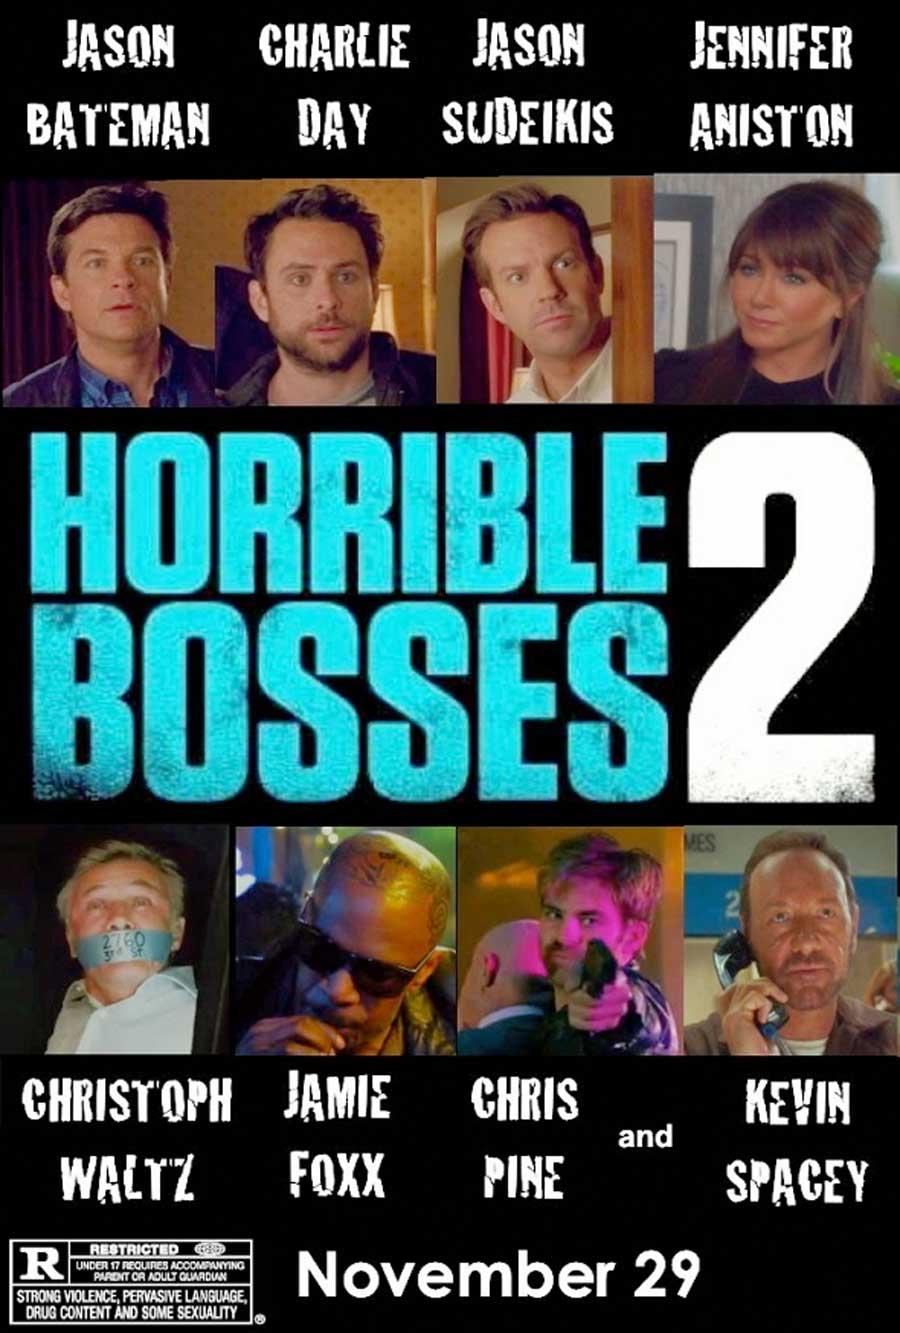 Poster for Horrible Bosses 2